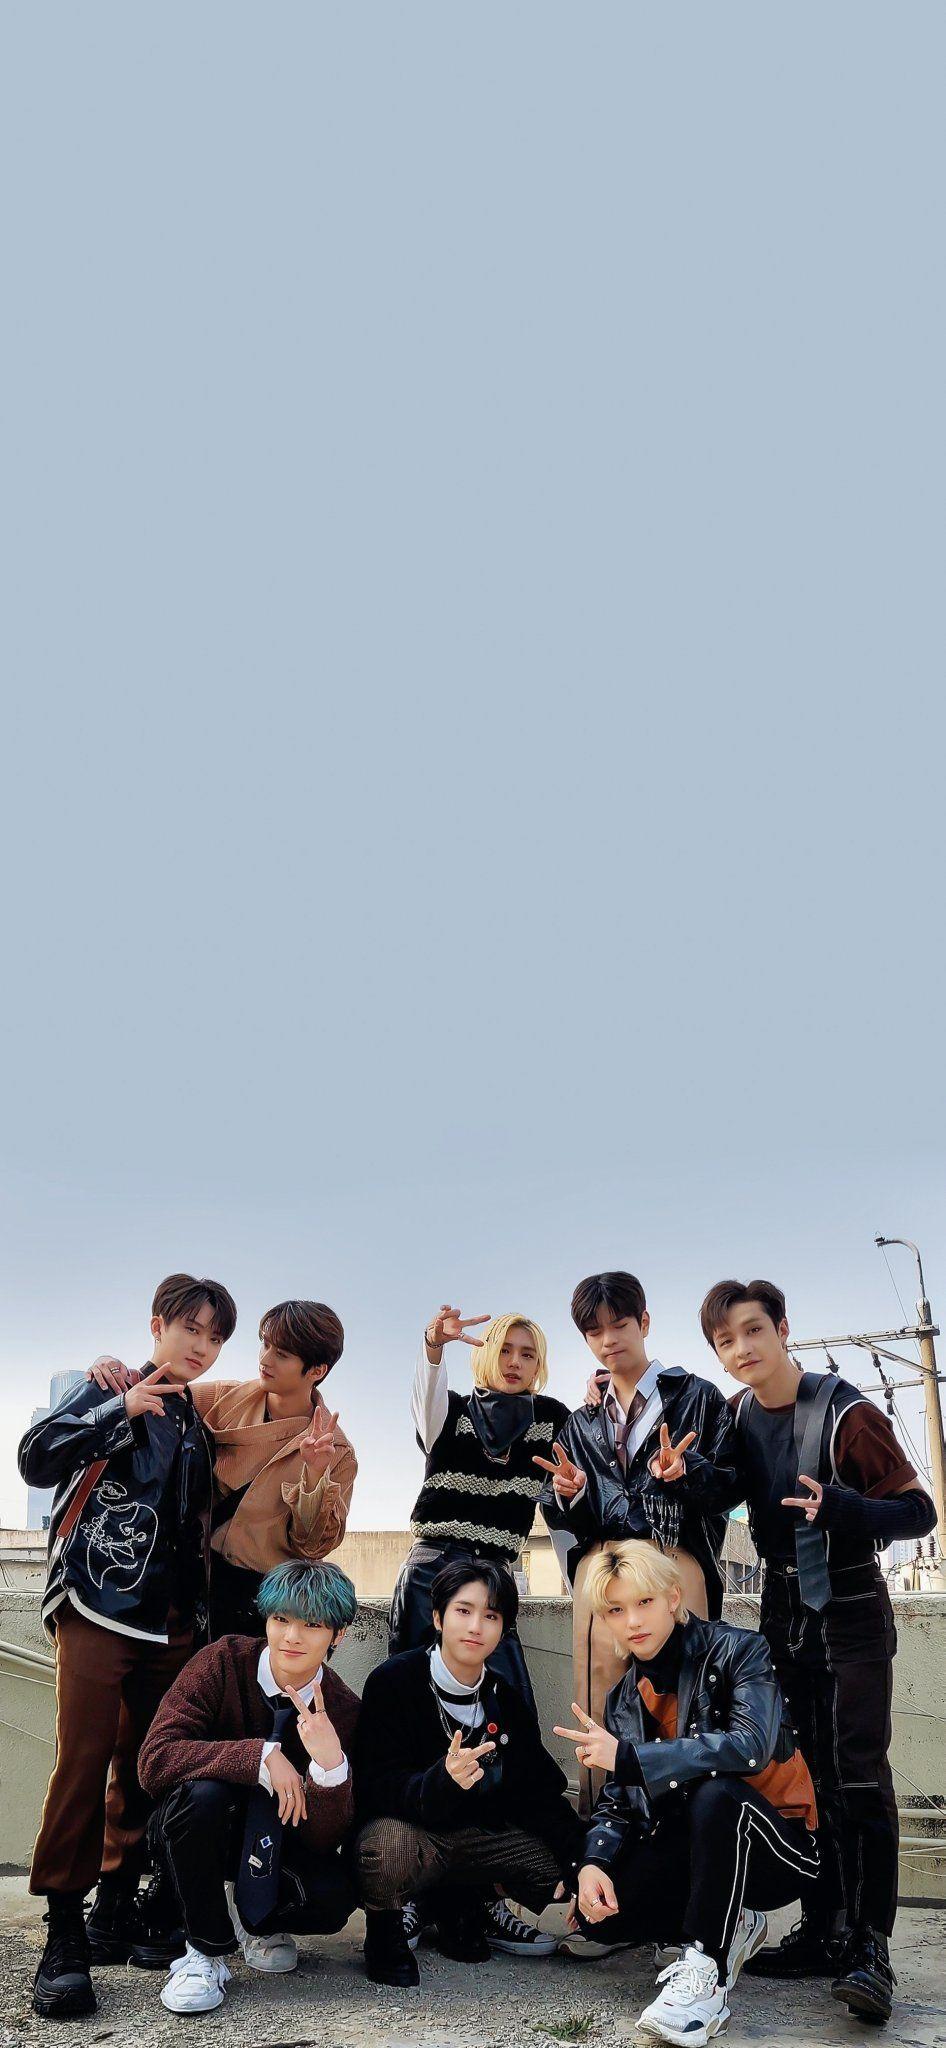 Stray Kids Wallpaper On Twitter In 2021 Stray Kids Seungmin Kids Talent Kids Wallpaper